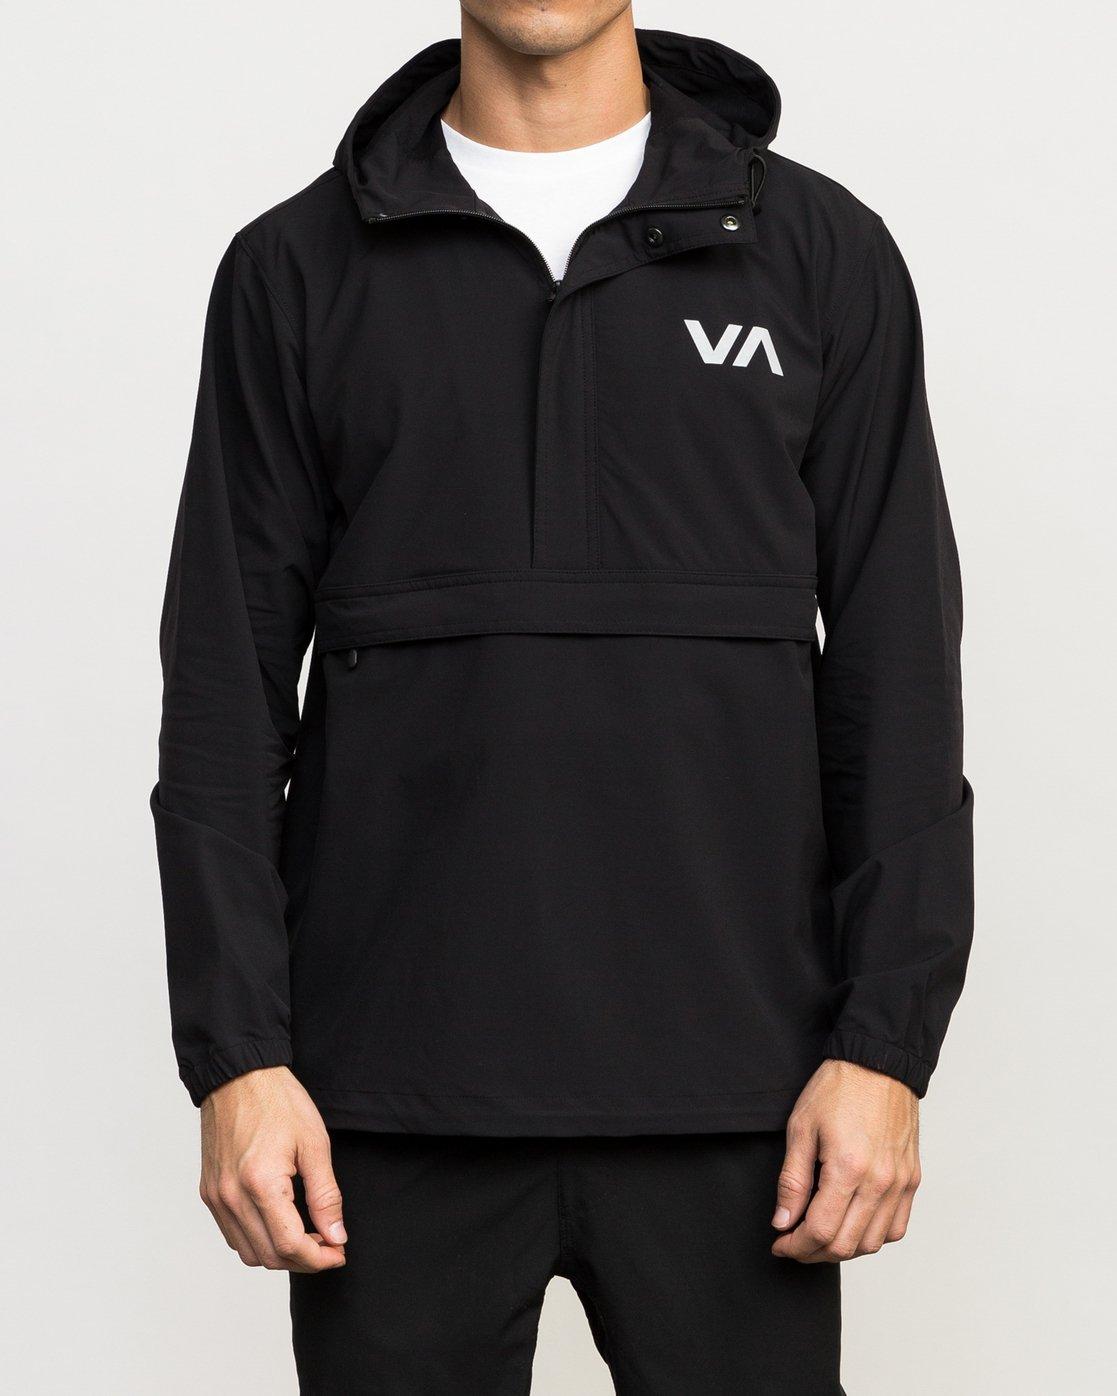 VA Anorak Jacket